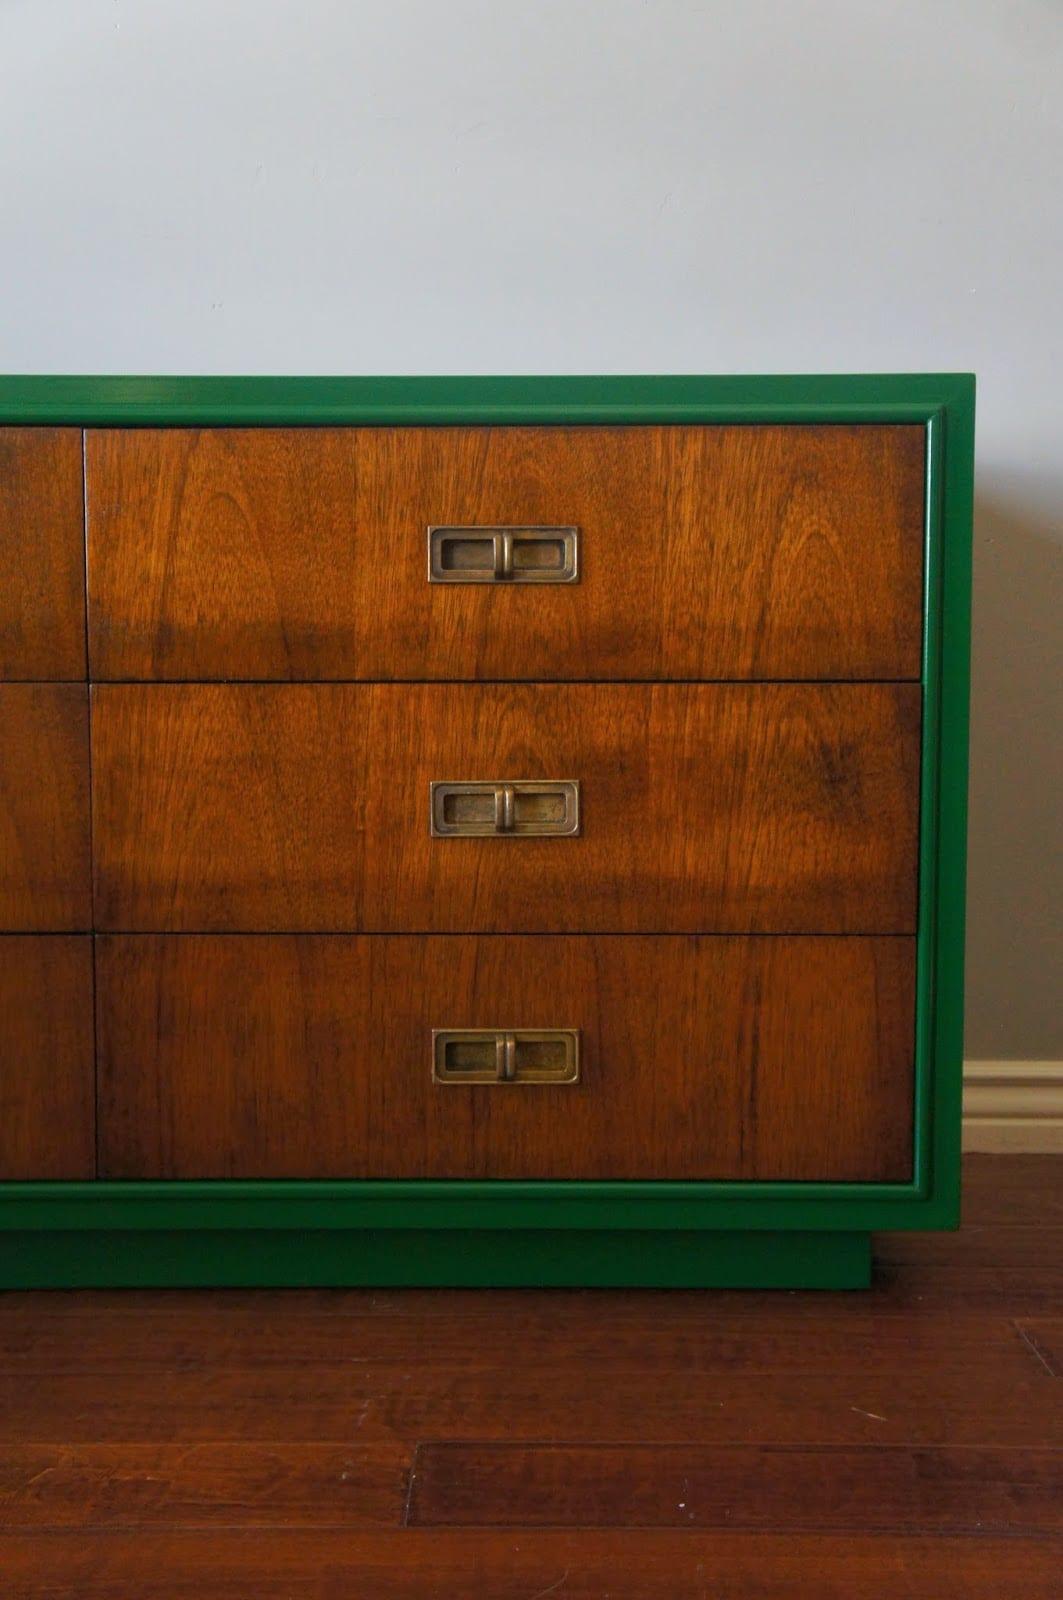 sideboard antik in grün streichen als idee für alte möbeln neu gestalten